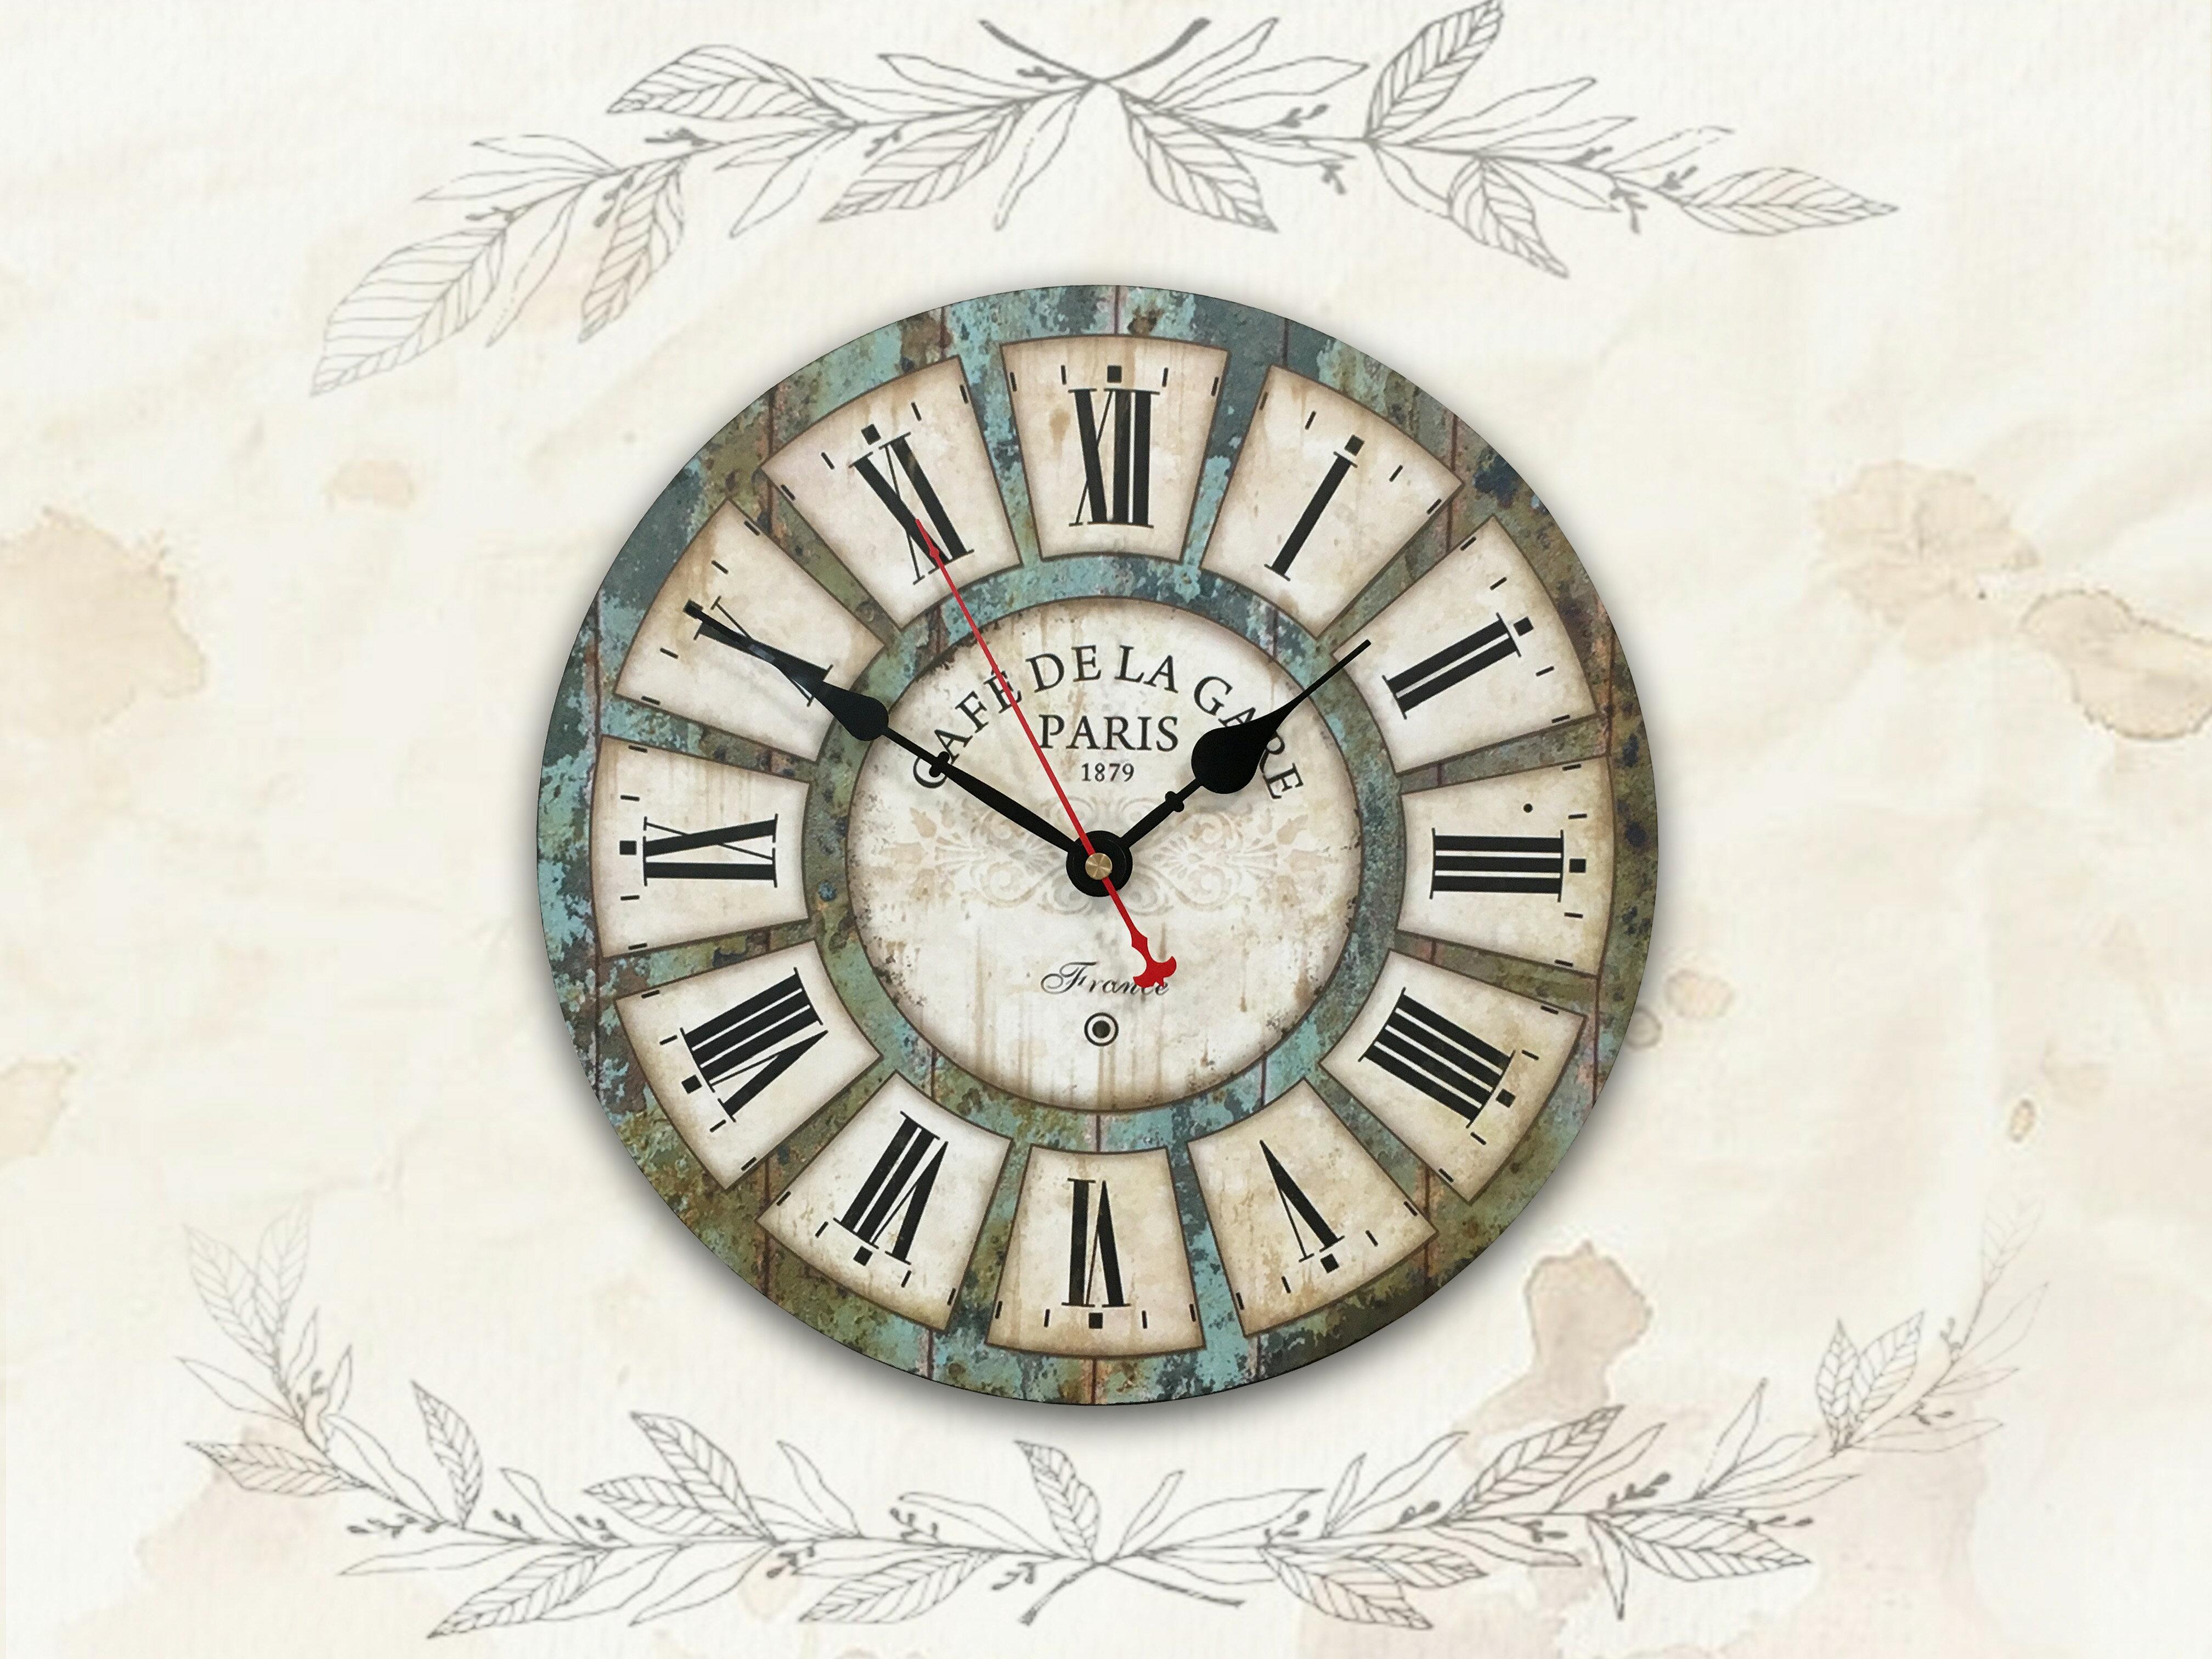 【新生活家具】木紋 羅馬數字 現代 工業 復古 美式 鄉村 靜音時鐘 掛鐘 壁鐘 時鐘《蓋瑞》非 H&D ikea 宜家